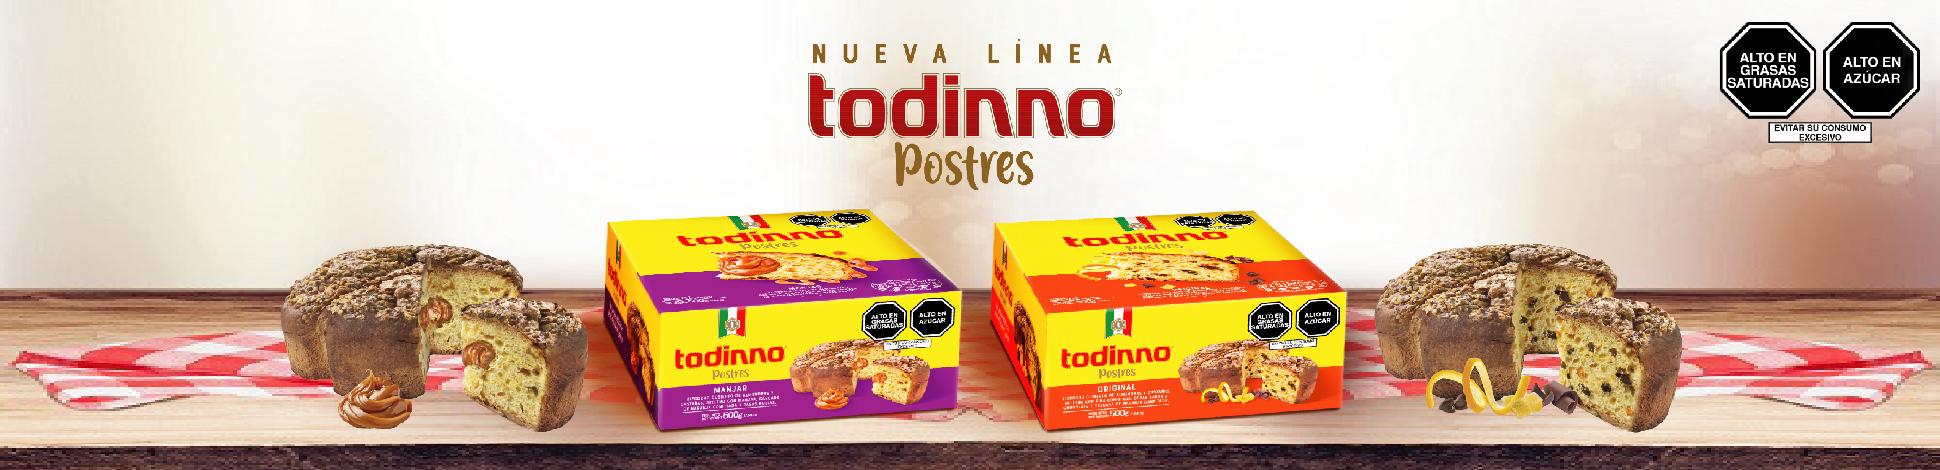 TODINNO POSTRES - JUNTOZ DESKTOP.jpg | Juntoz.com